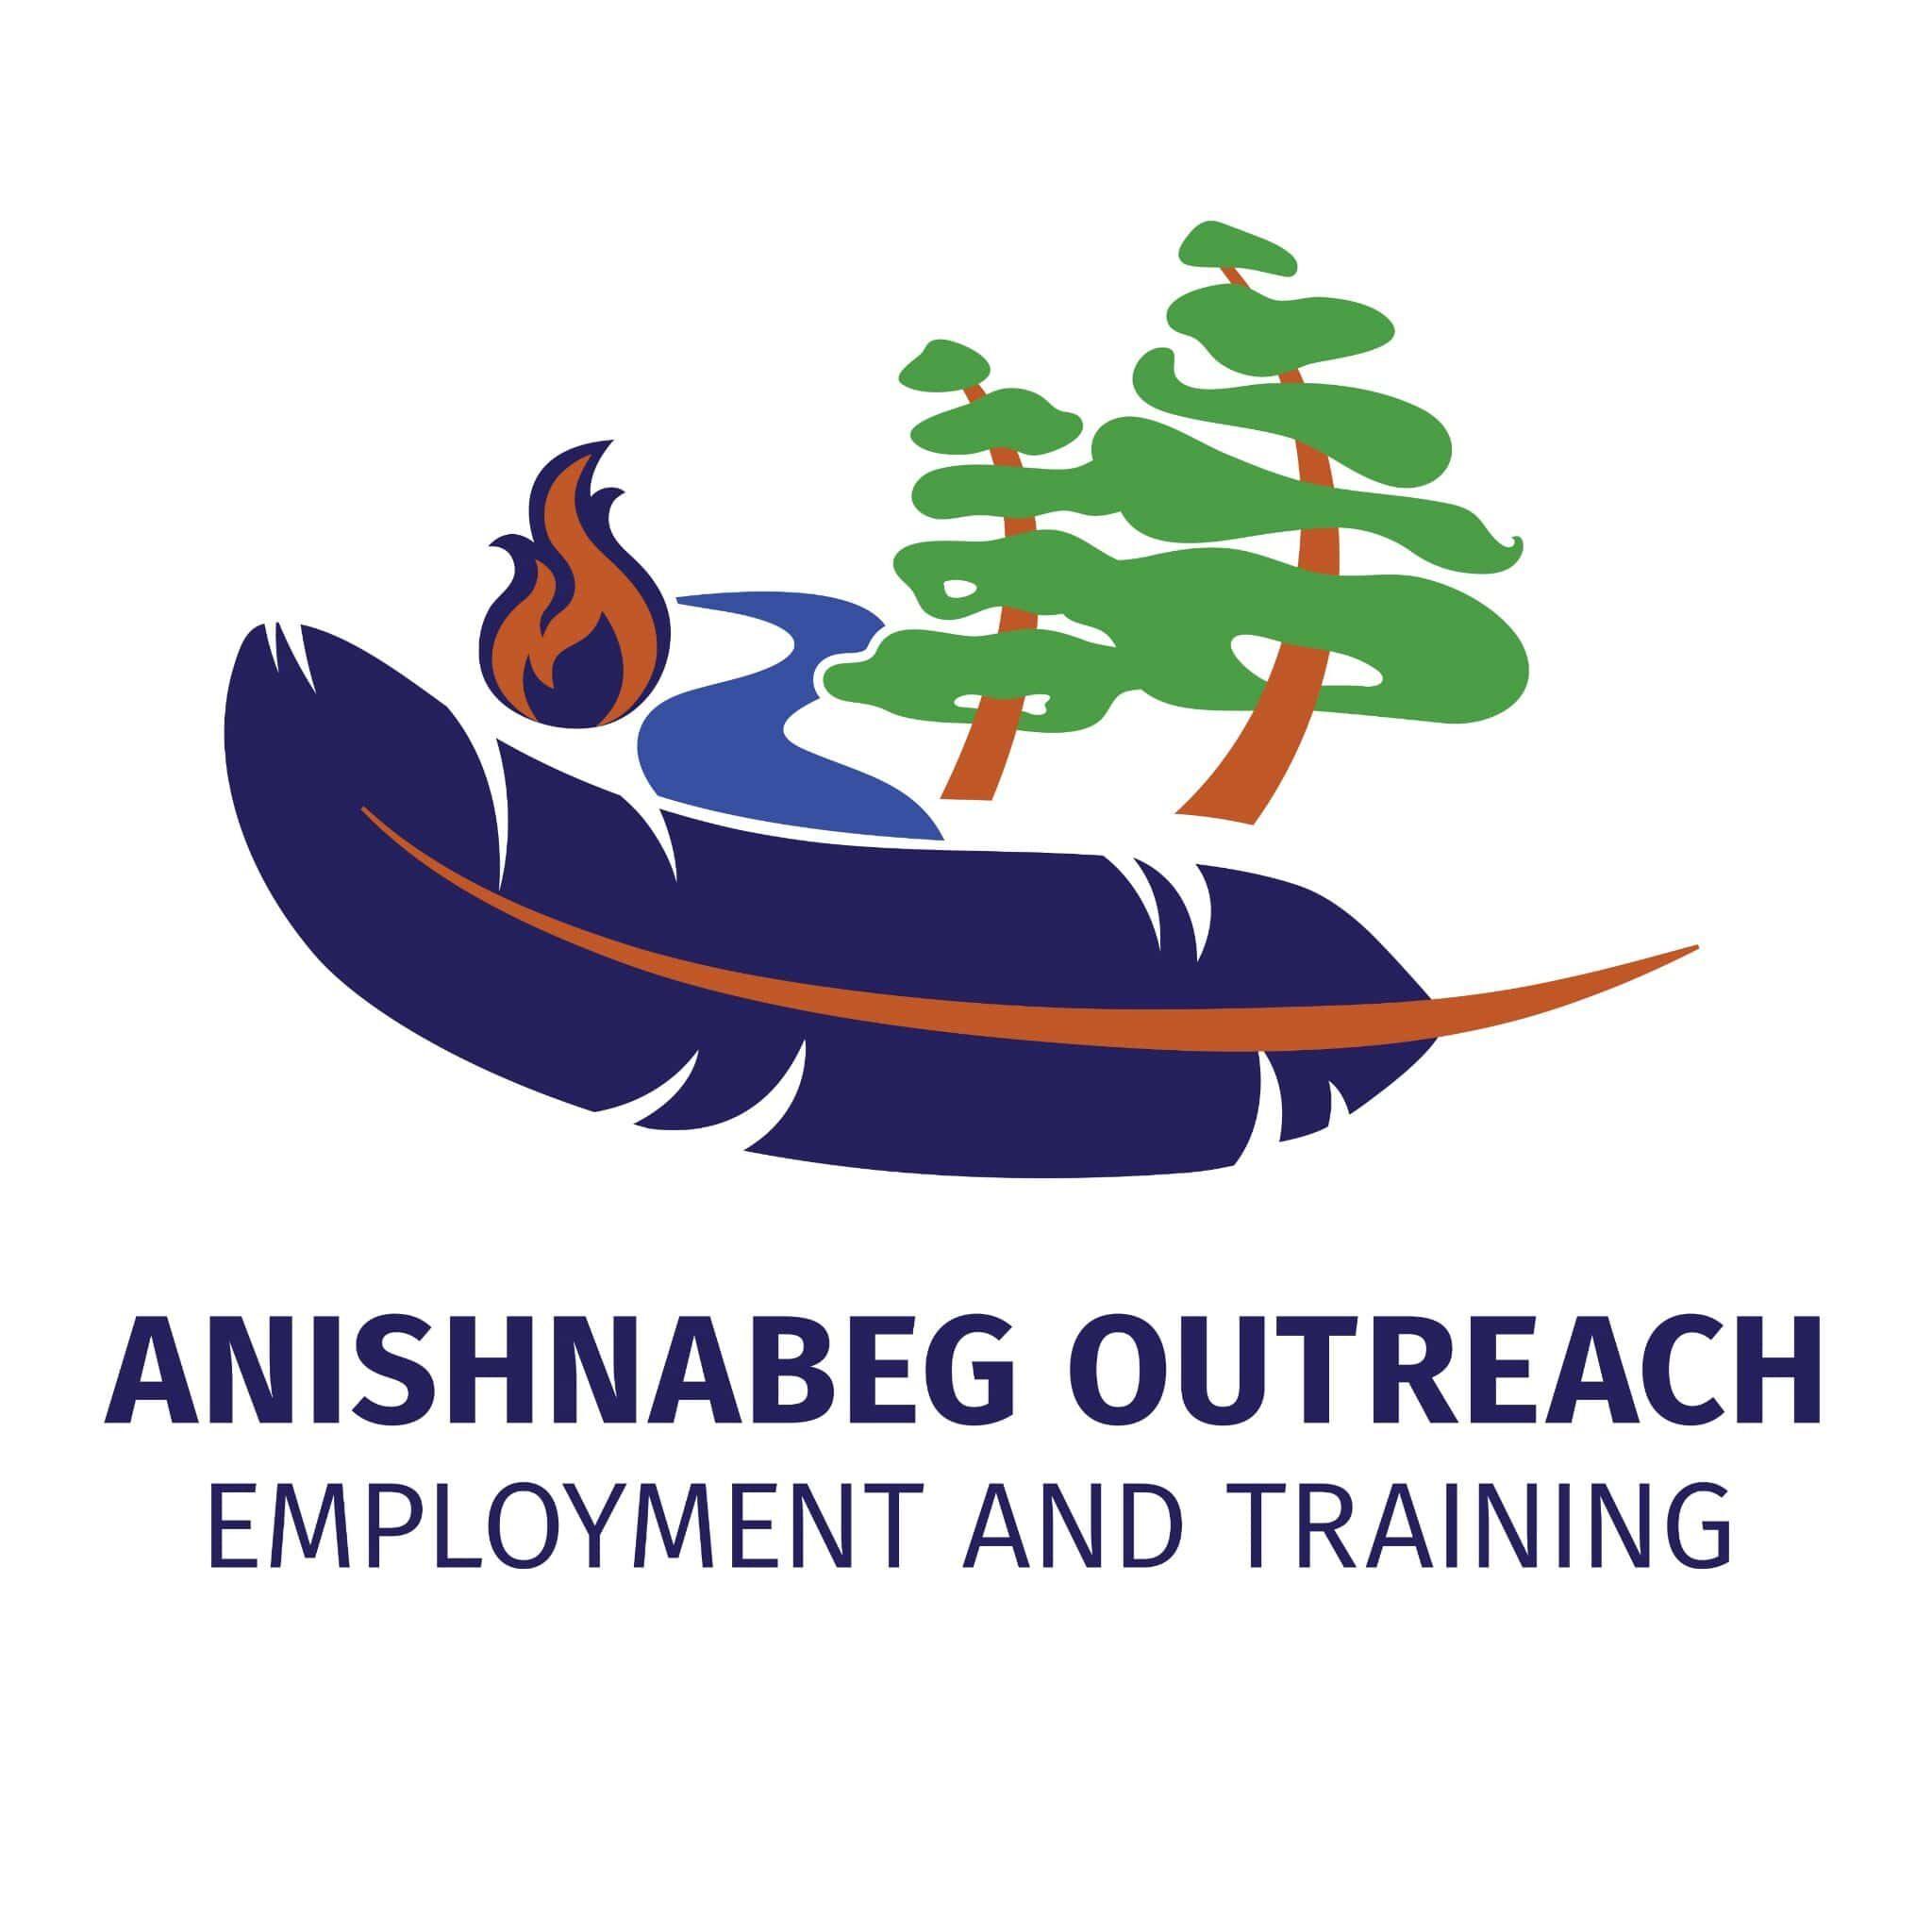 Anishnabeg Outreach